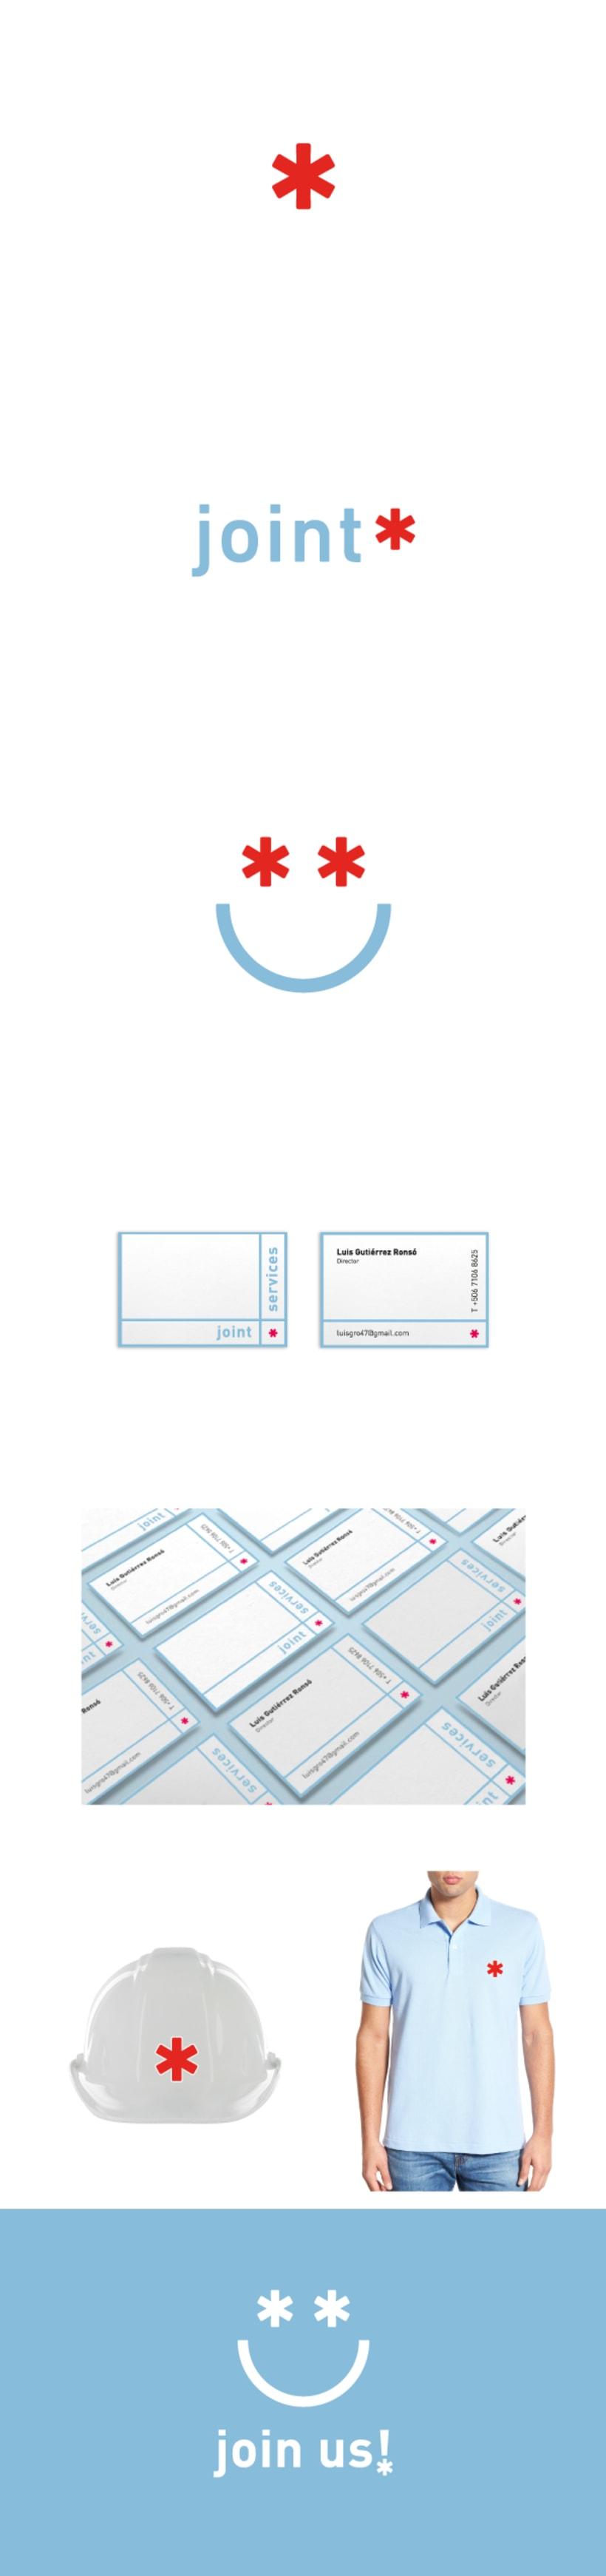 Joint Services. Conexión de servicios (CR) -1